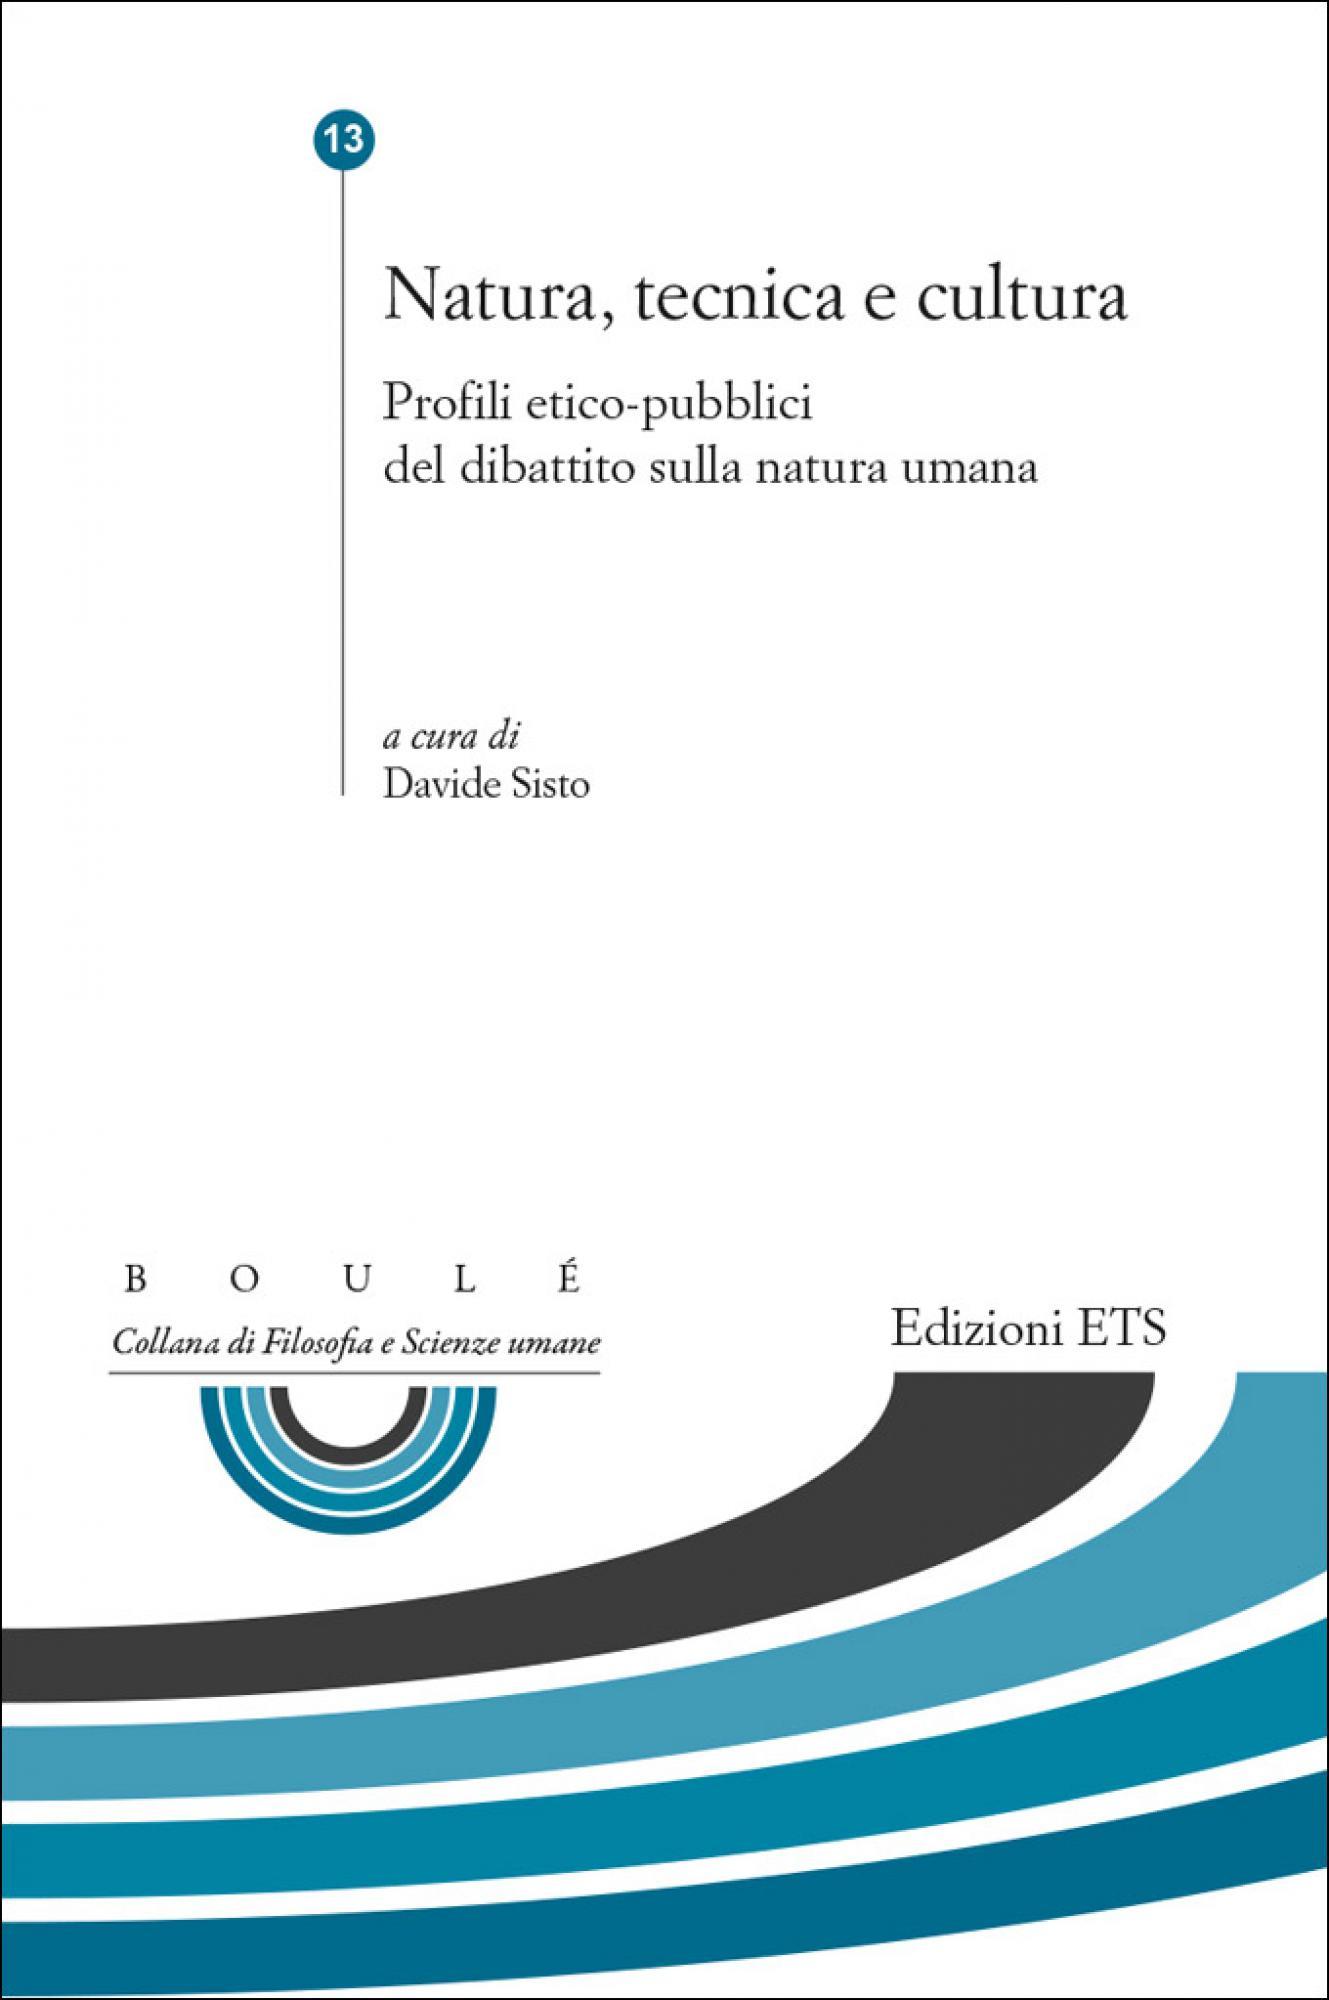 Natura, tecnica e cultura.Profili etico-pubblici del dibattito sulla natura umana